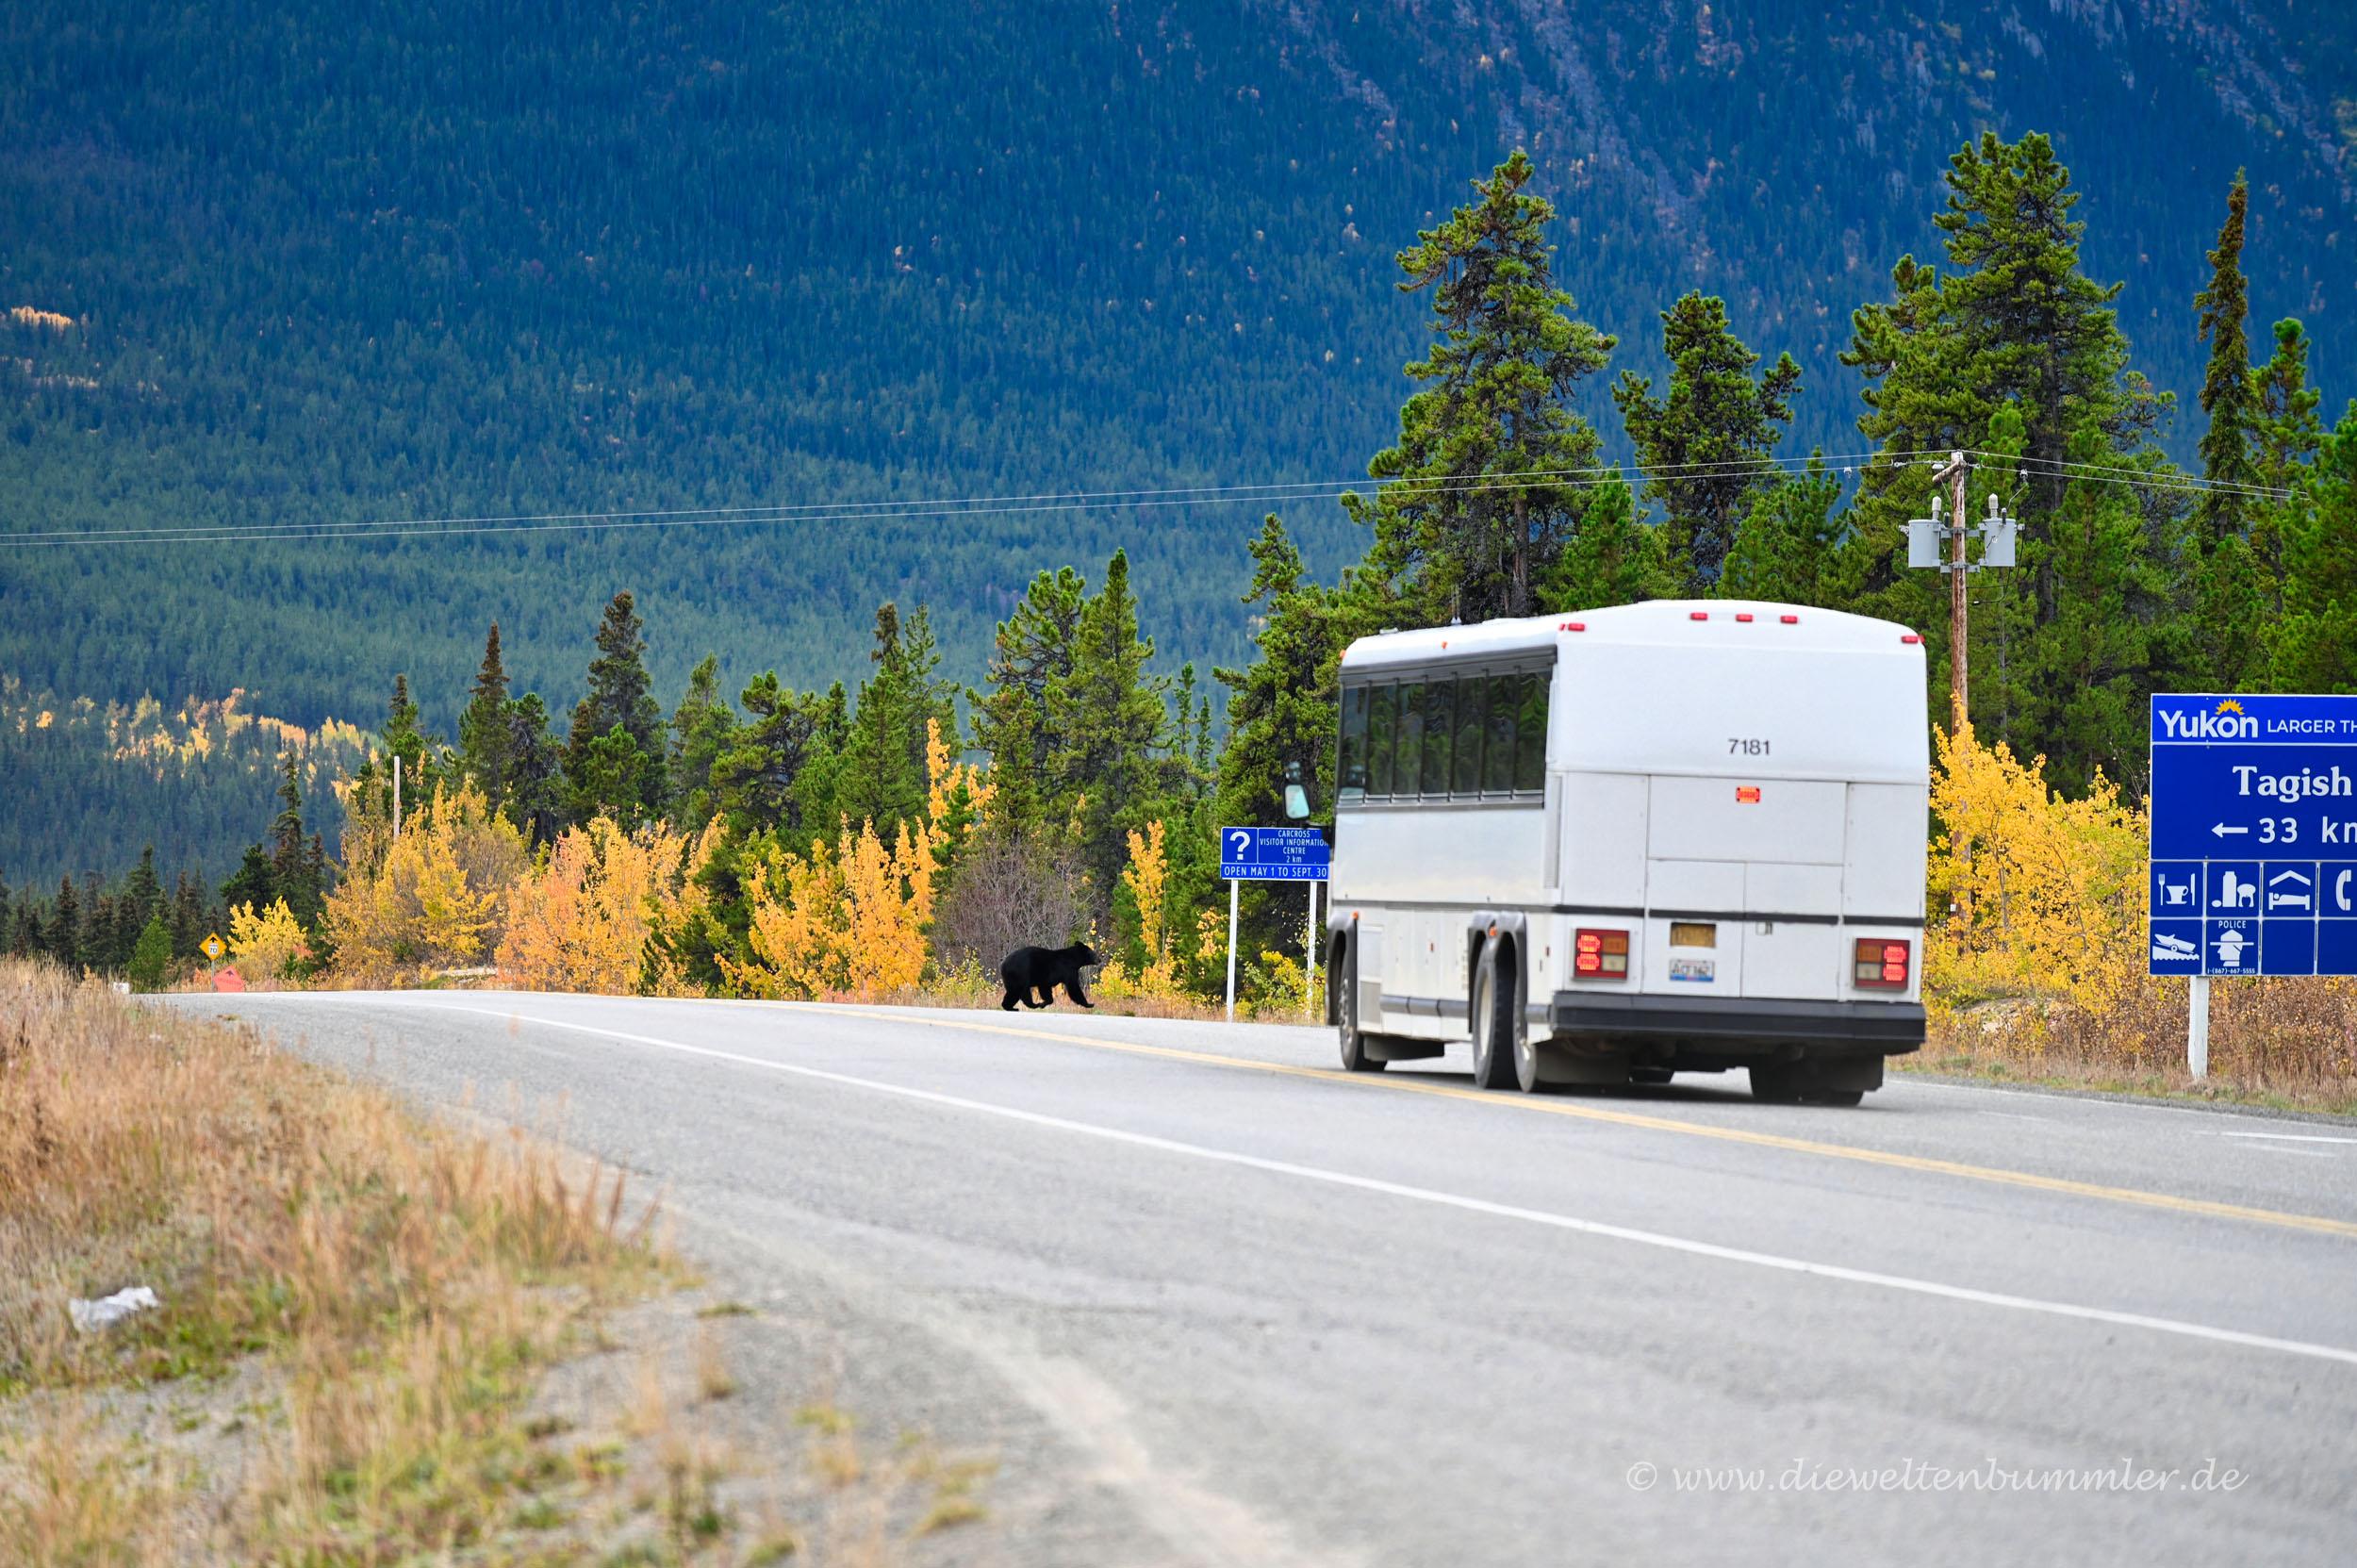 Da läuft der Bär über die Straße